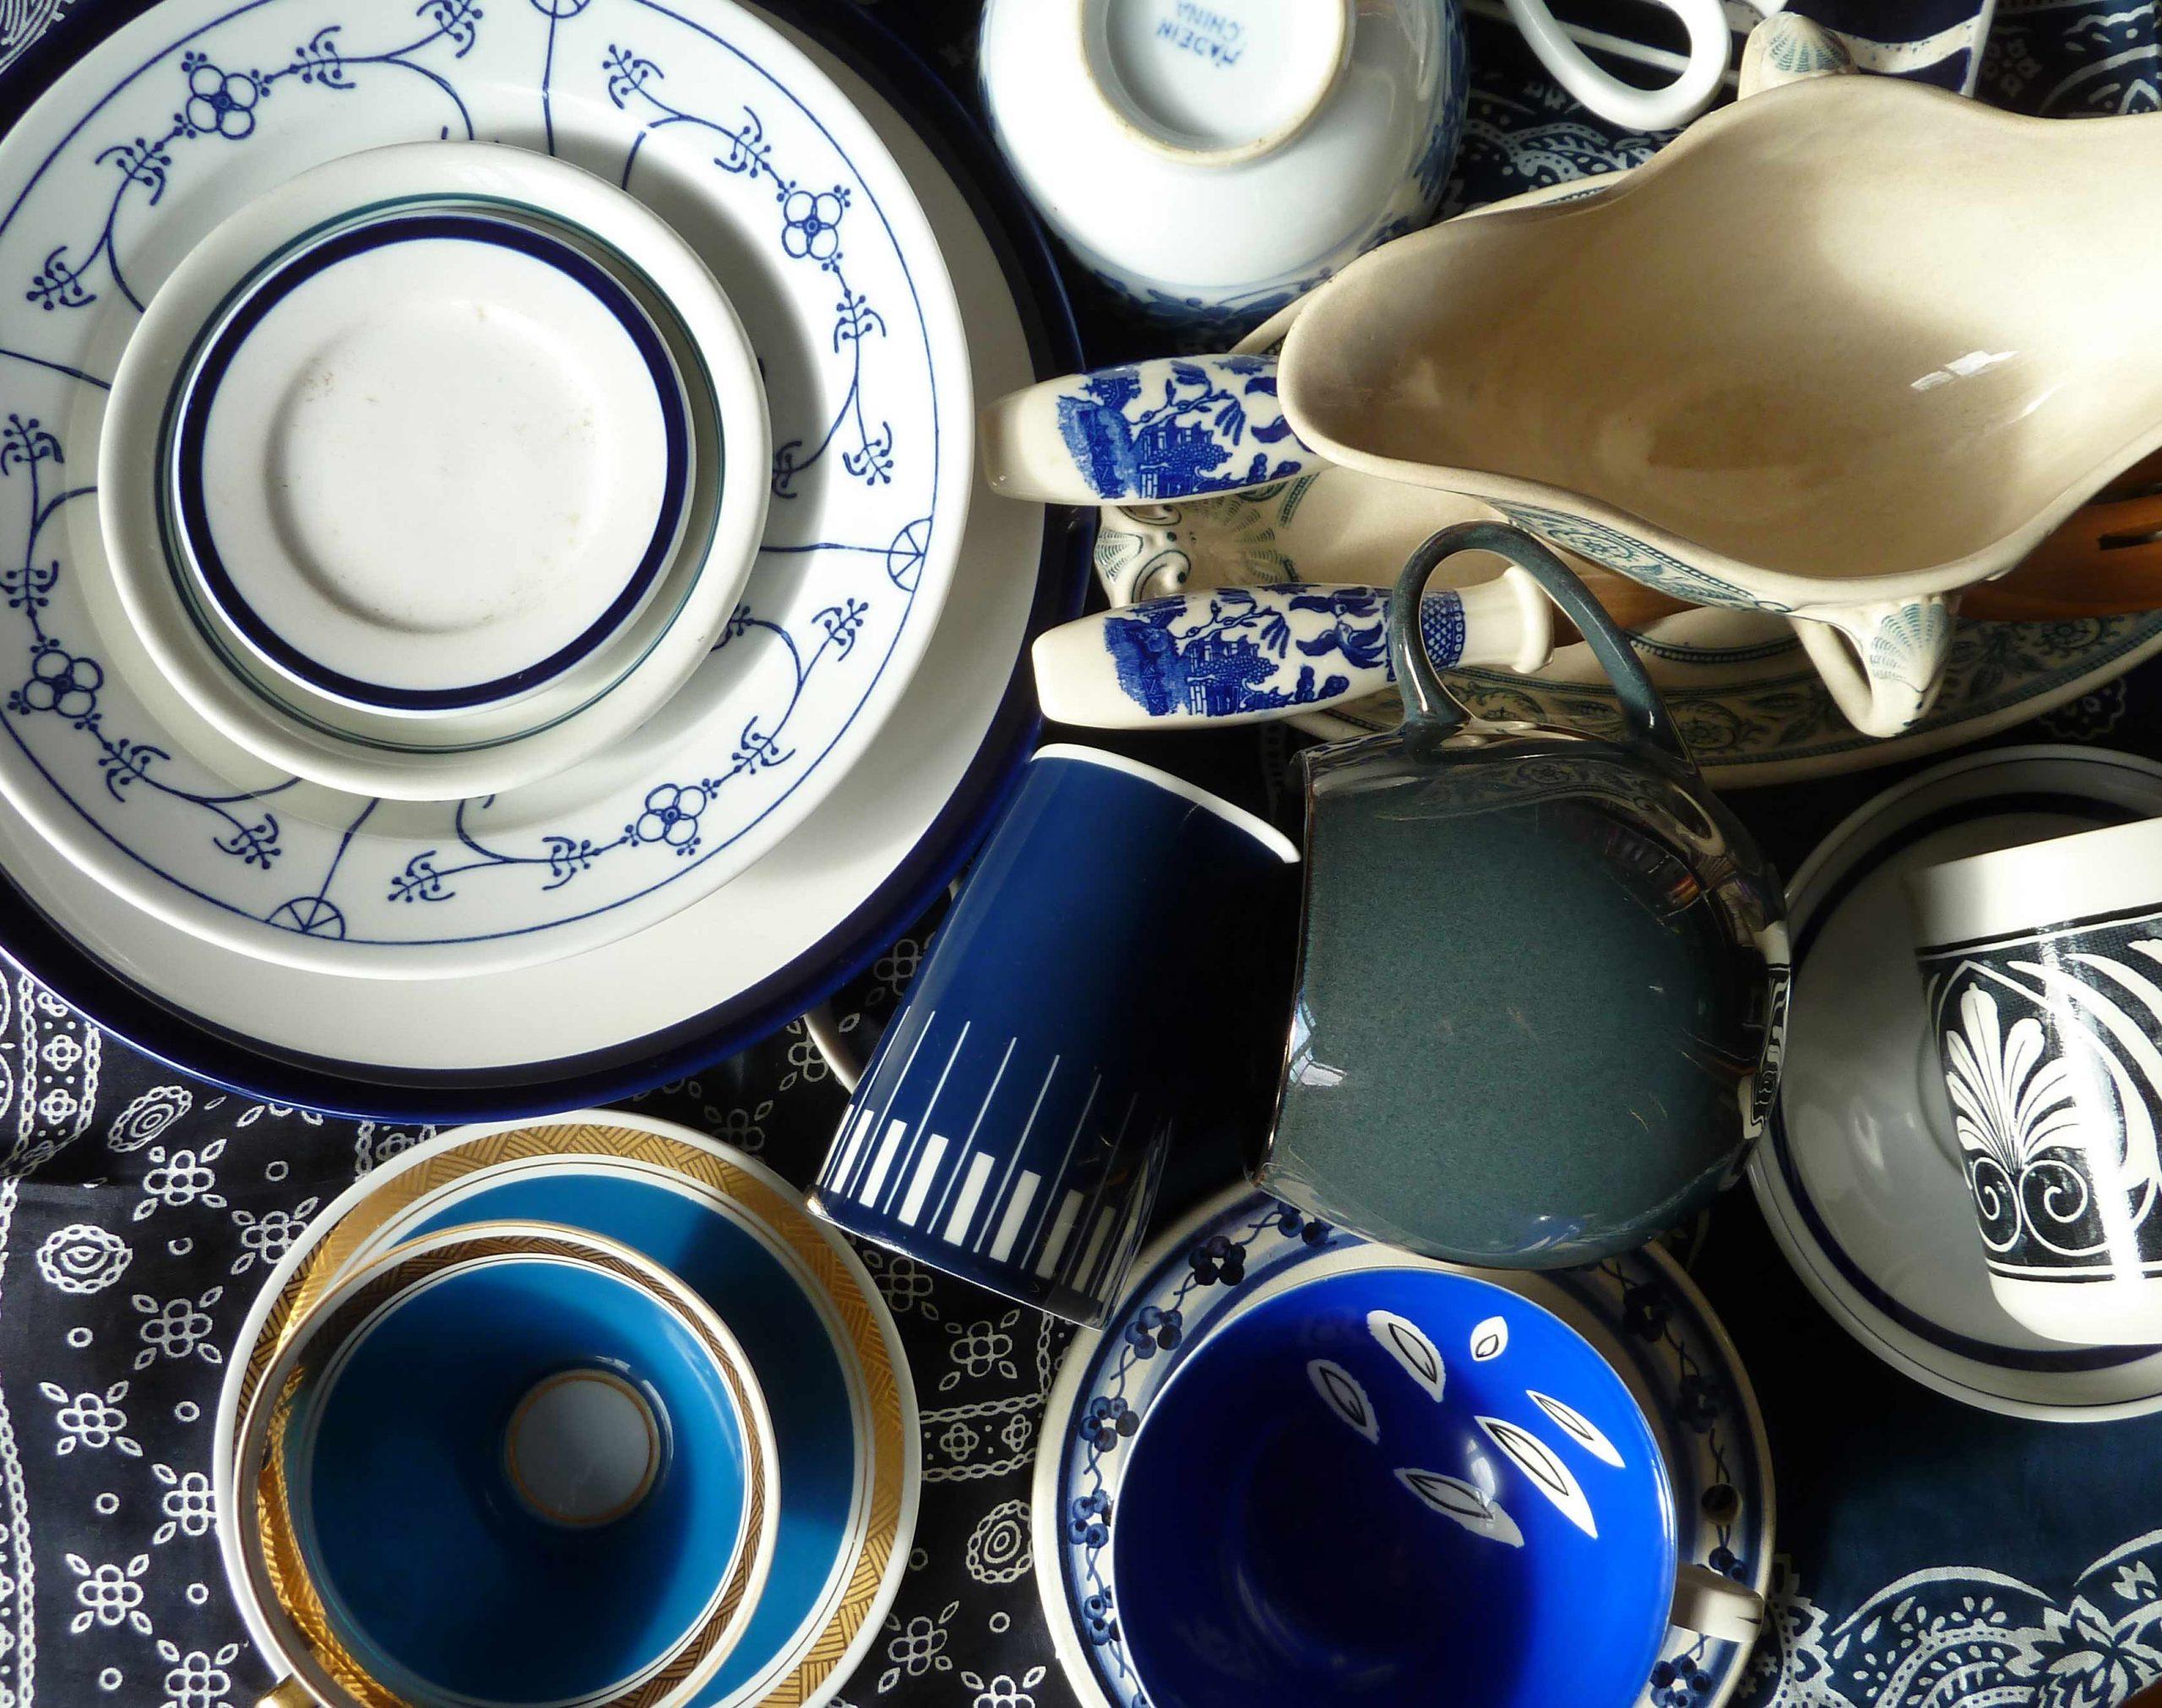 marineblau und weiss sammlung von Porzellan Slowfood